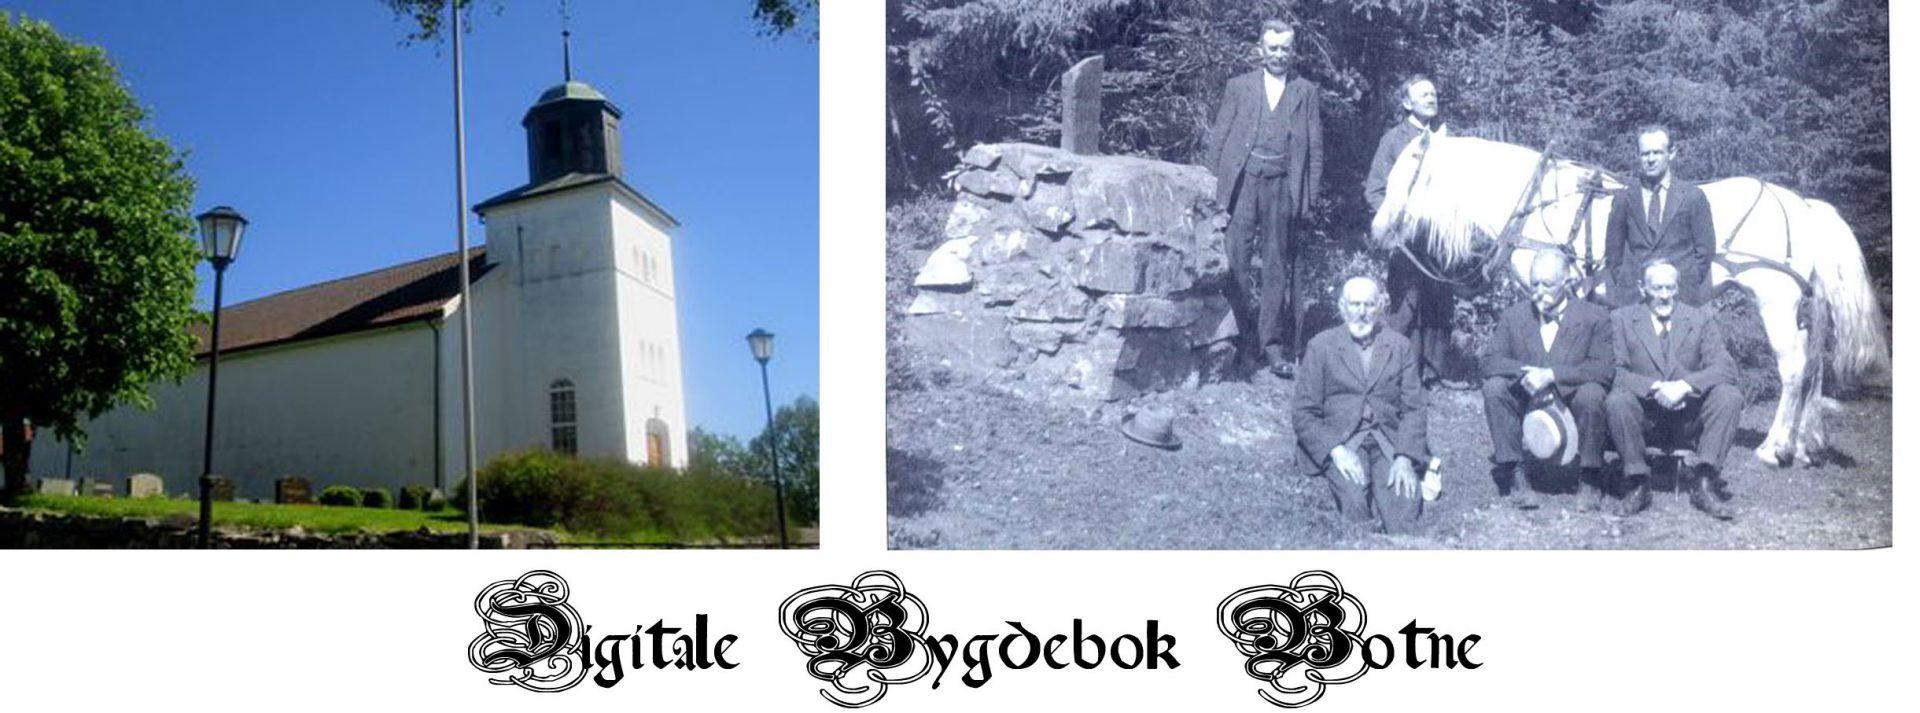 Botne slekter . Botne ble opprettet som formannskapsdistrikt i 1837, og ble slått sammen med Holmestrand den 1. januar 1964.